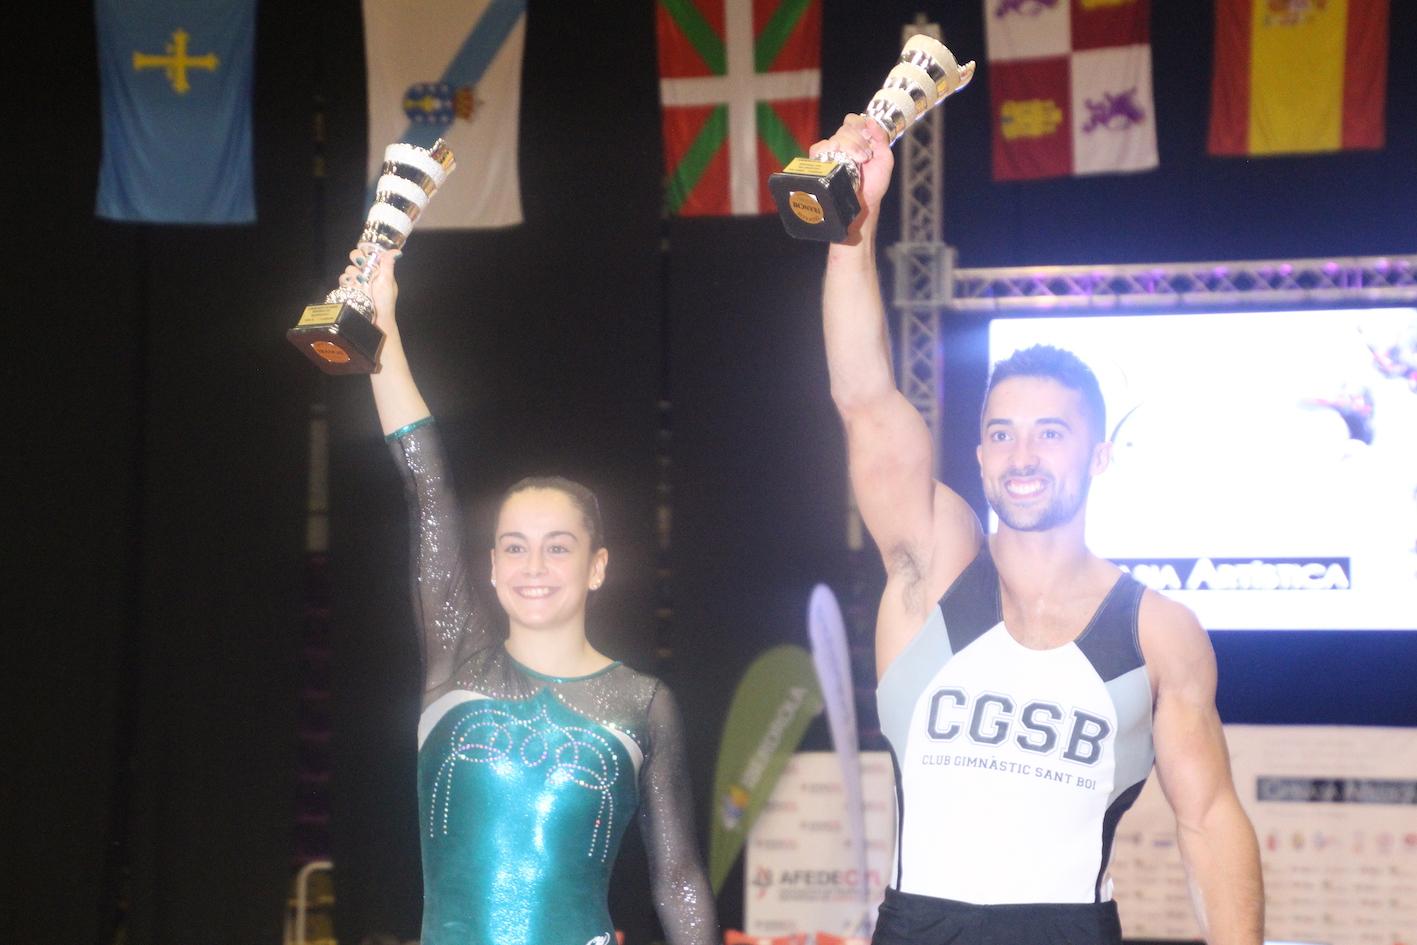 Los gimnastas Ana Pérez y Rubén López. Fuente: Rfeg